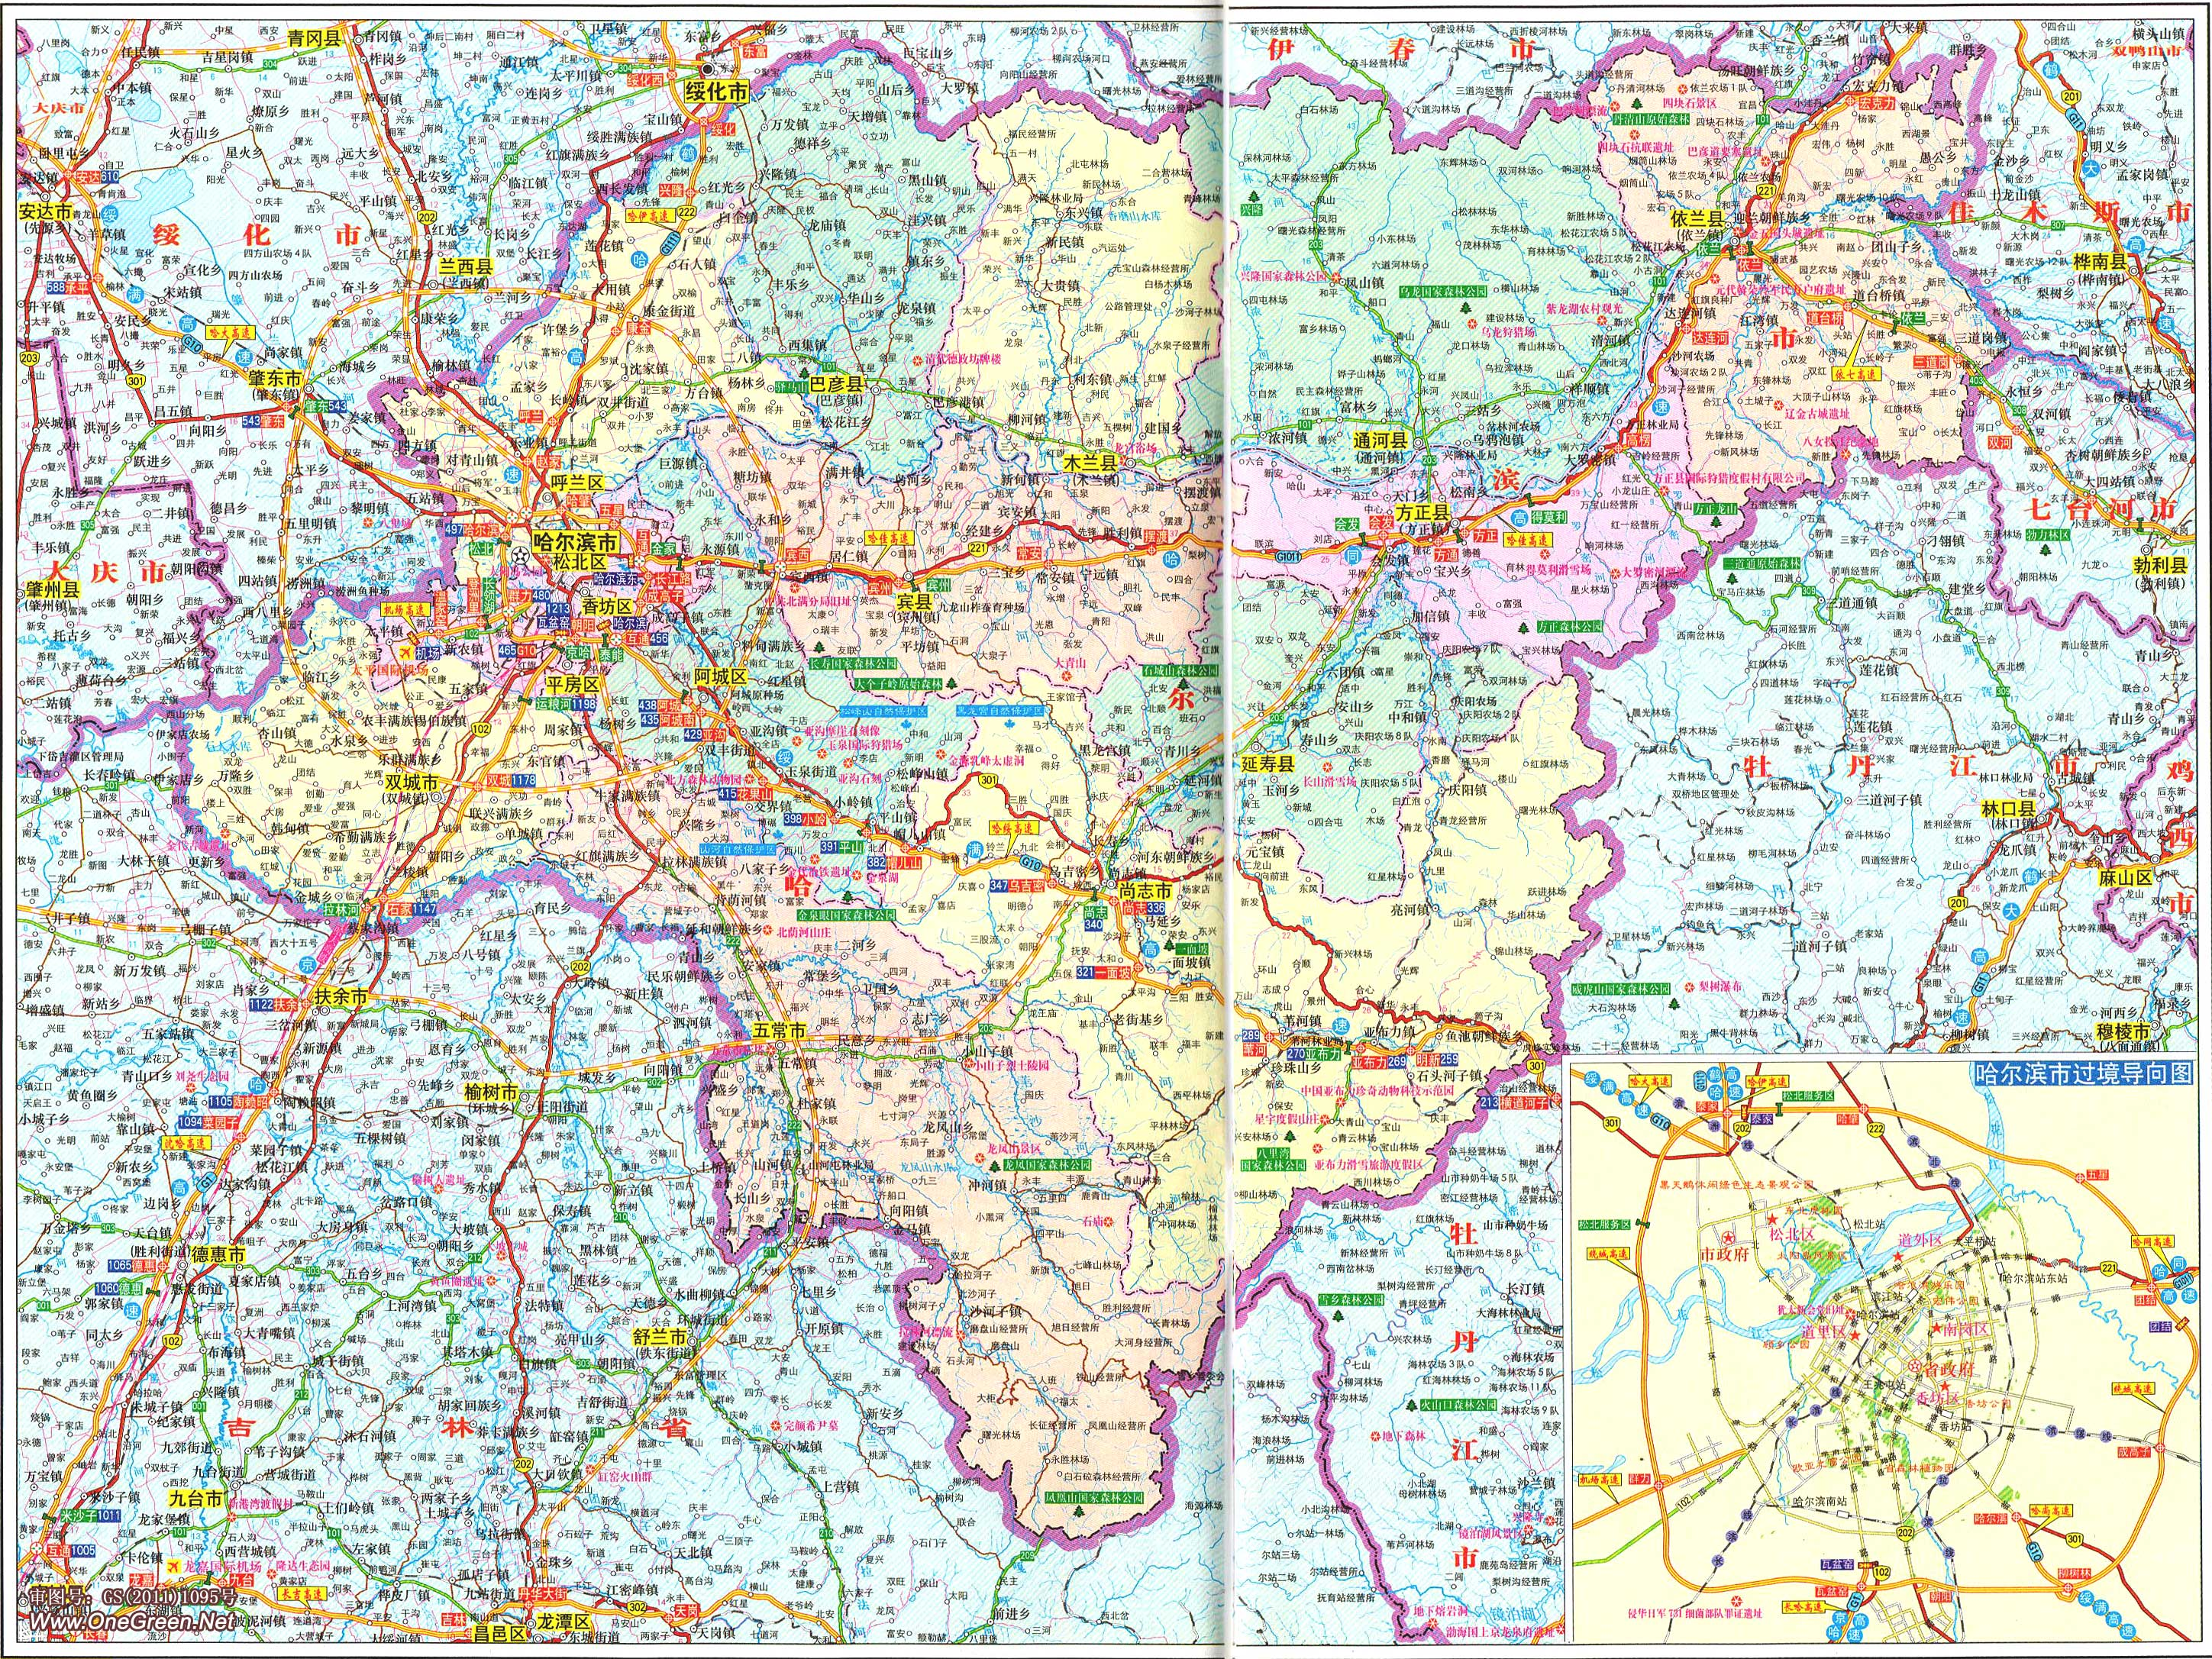 西安交通地图_哈尔滨地图全图高清版_地图窝